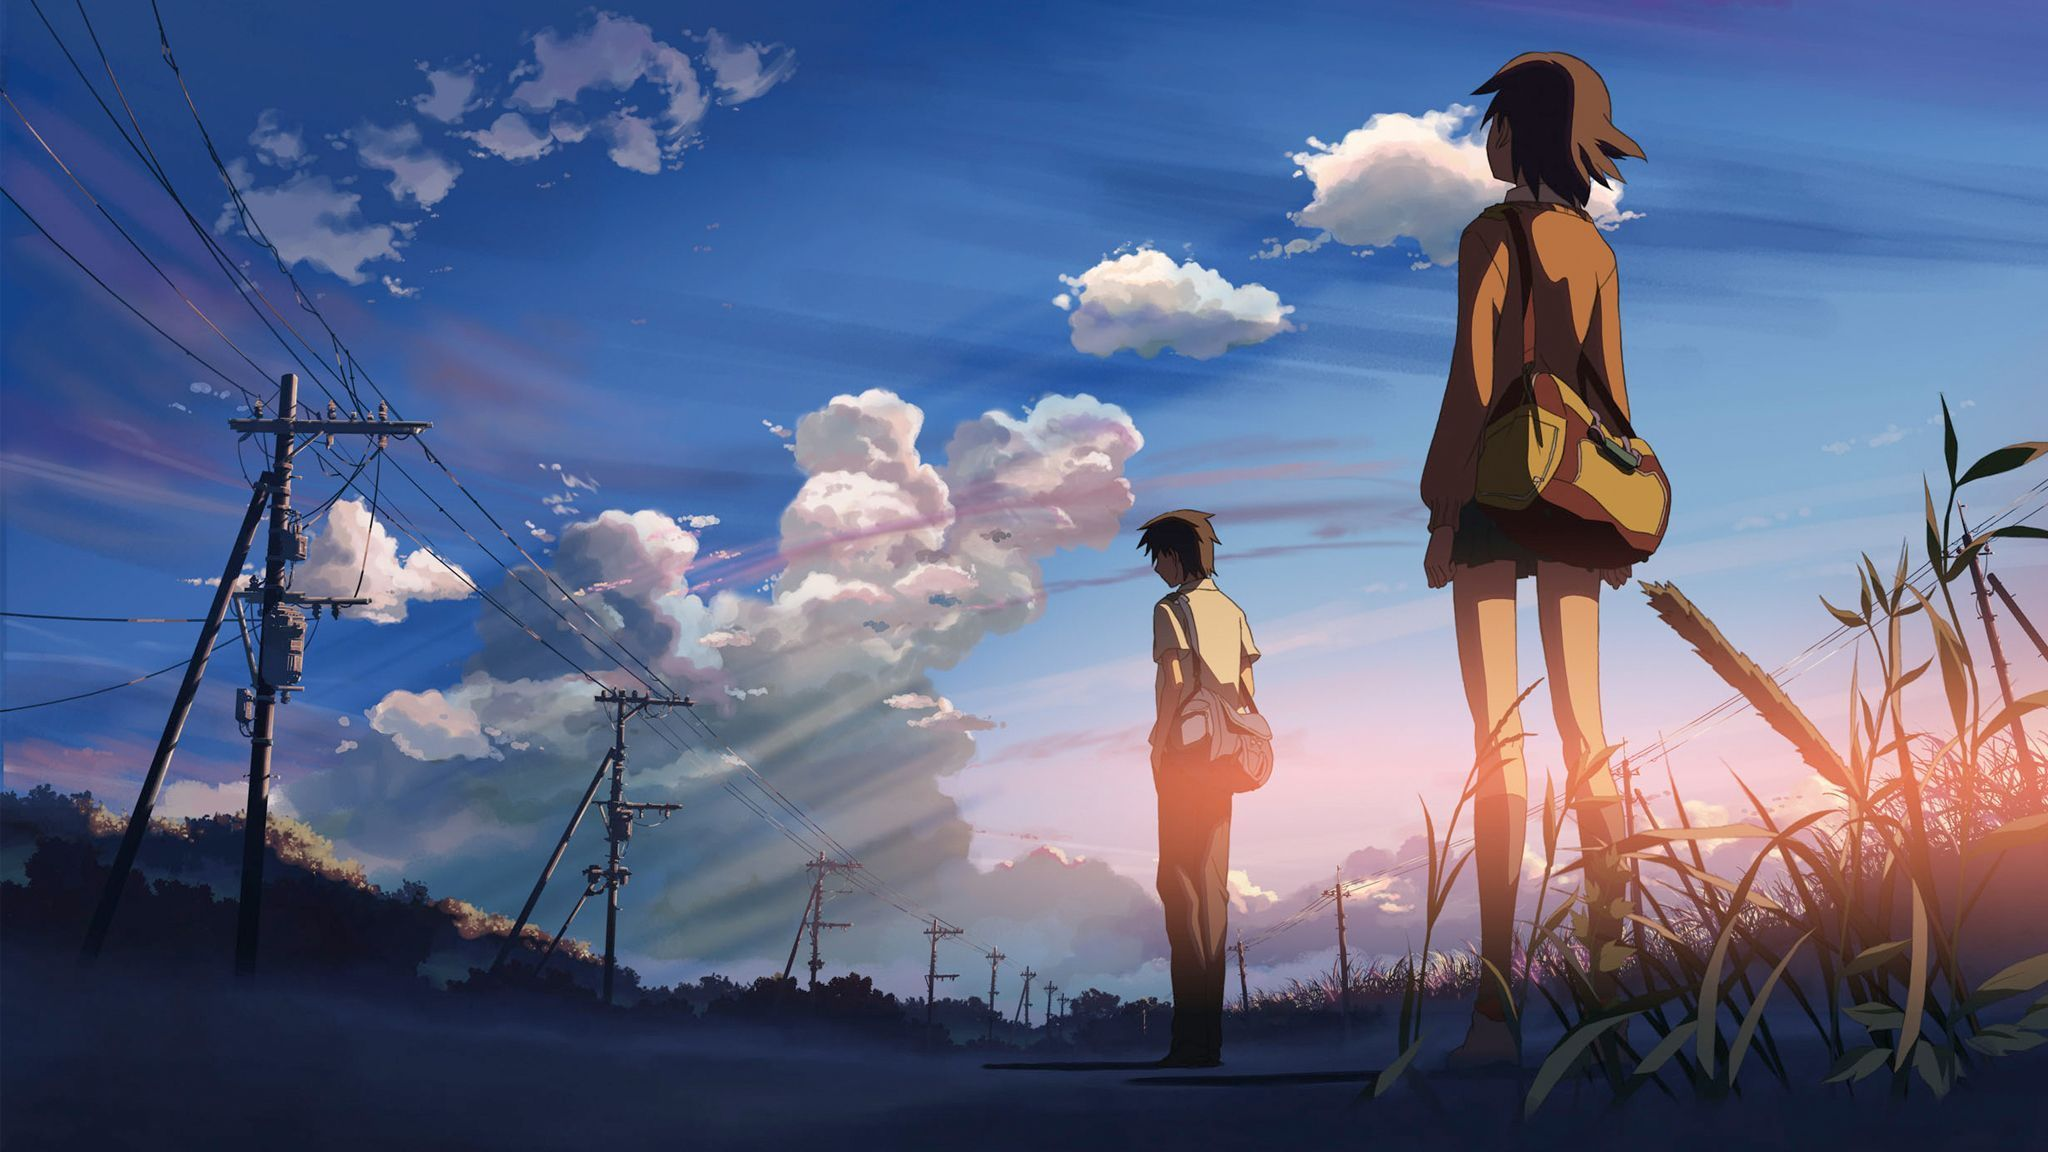 11 Aesthetic Anime Wallpaper 1366x768 Sachi Wallpaper In 2020 Anime Scenery Wallpaper Anime Scenery Anime Background